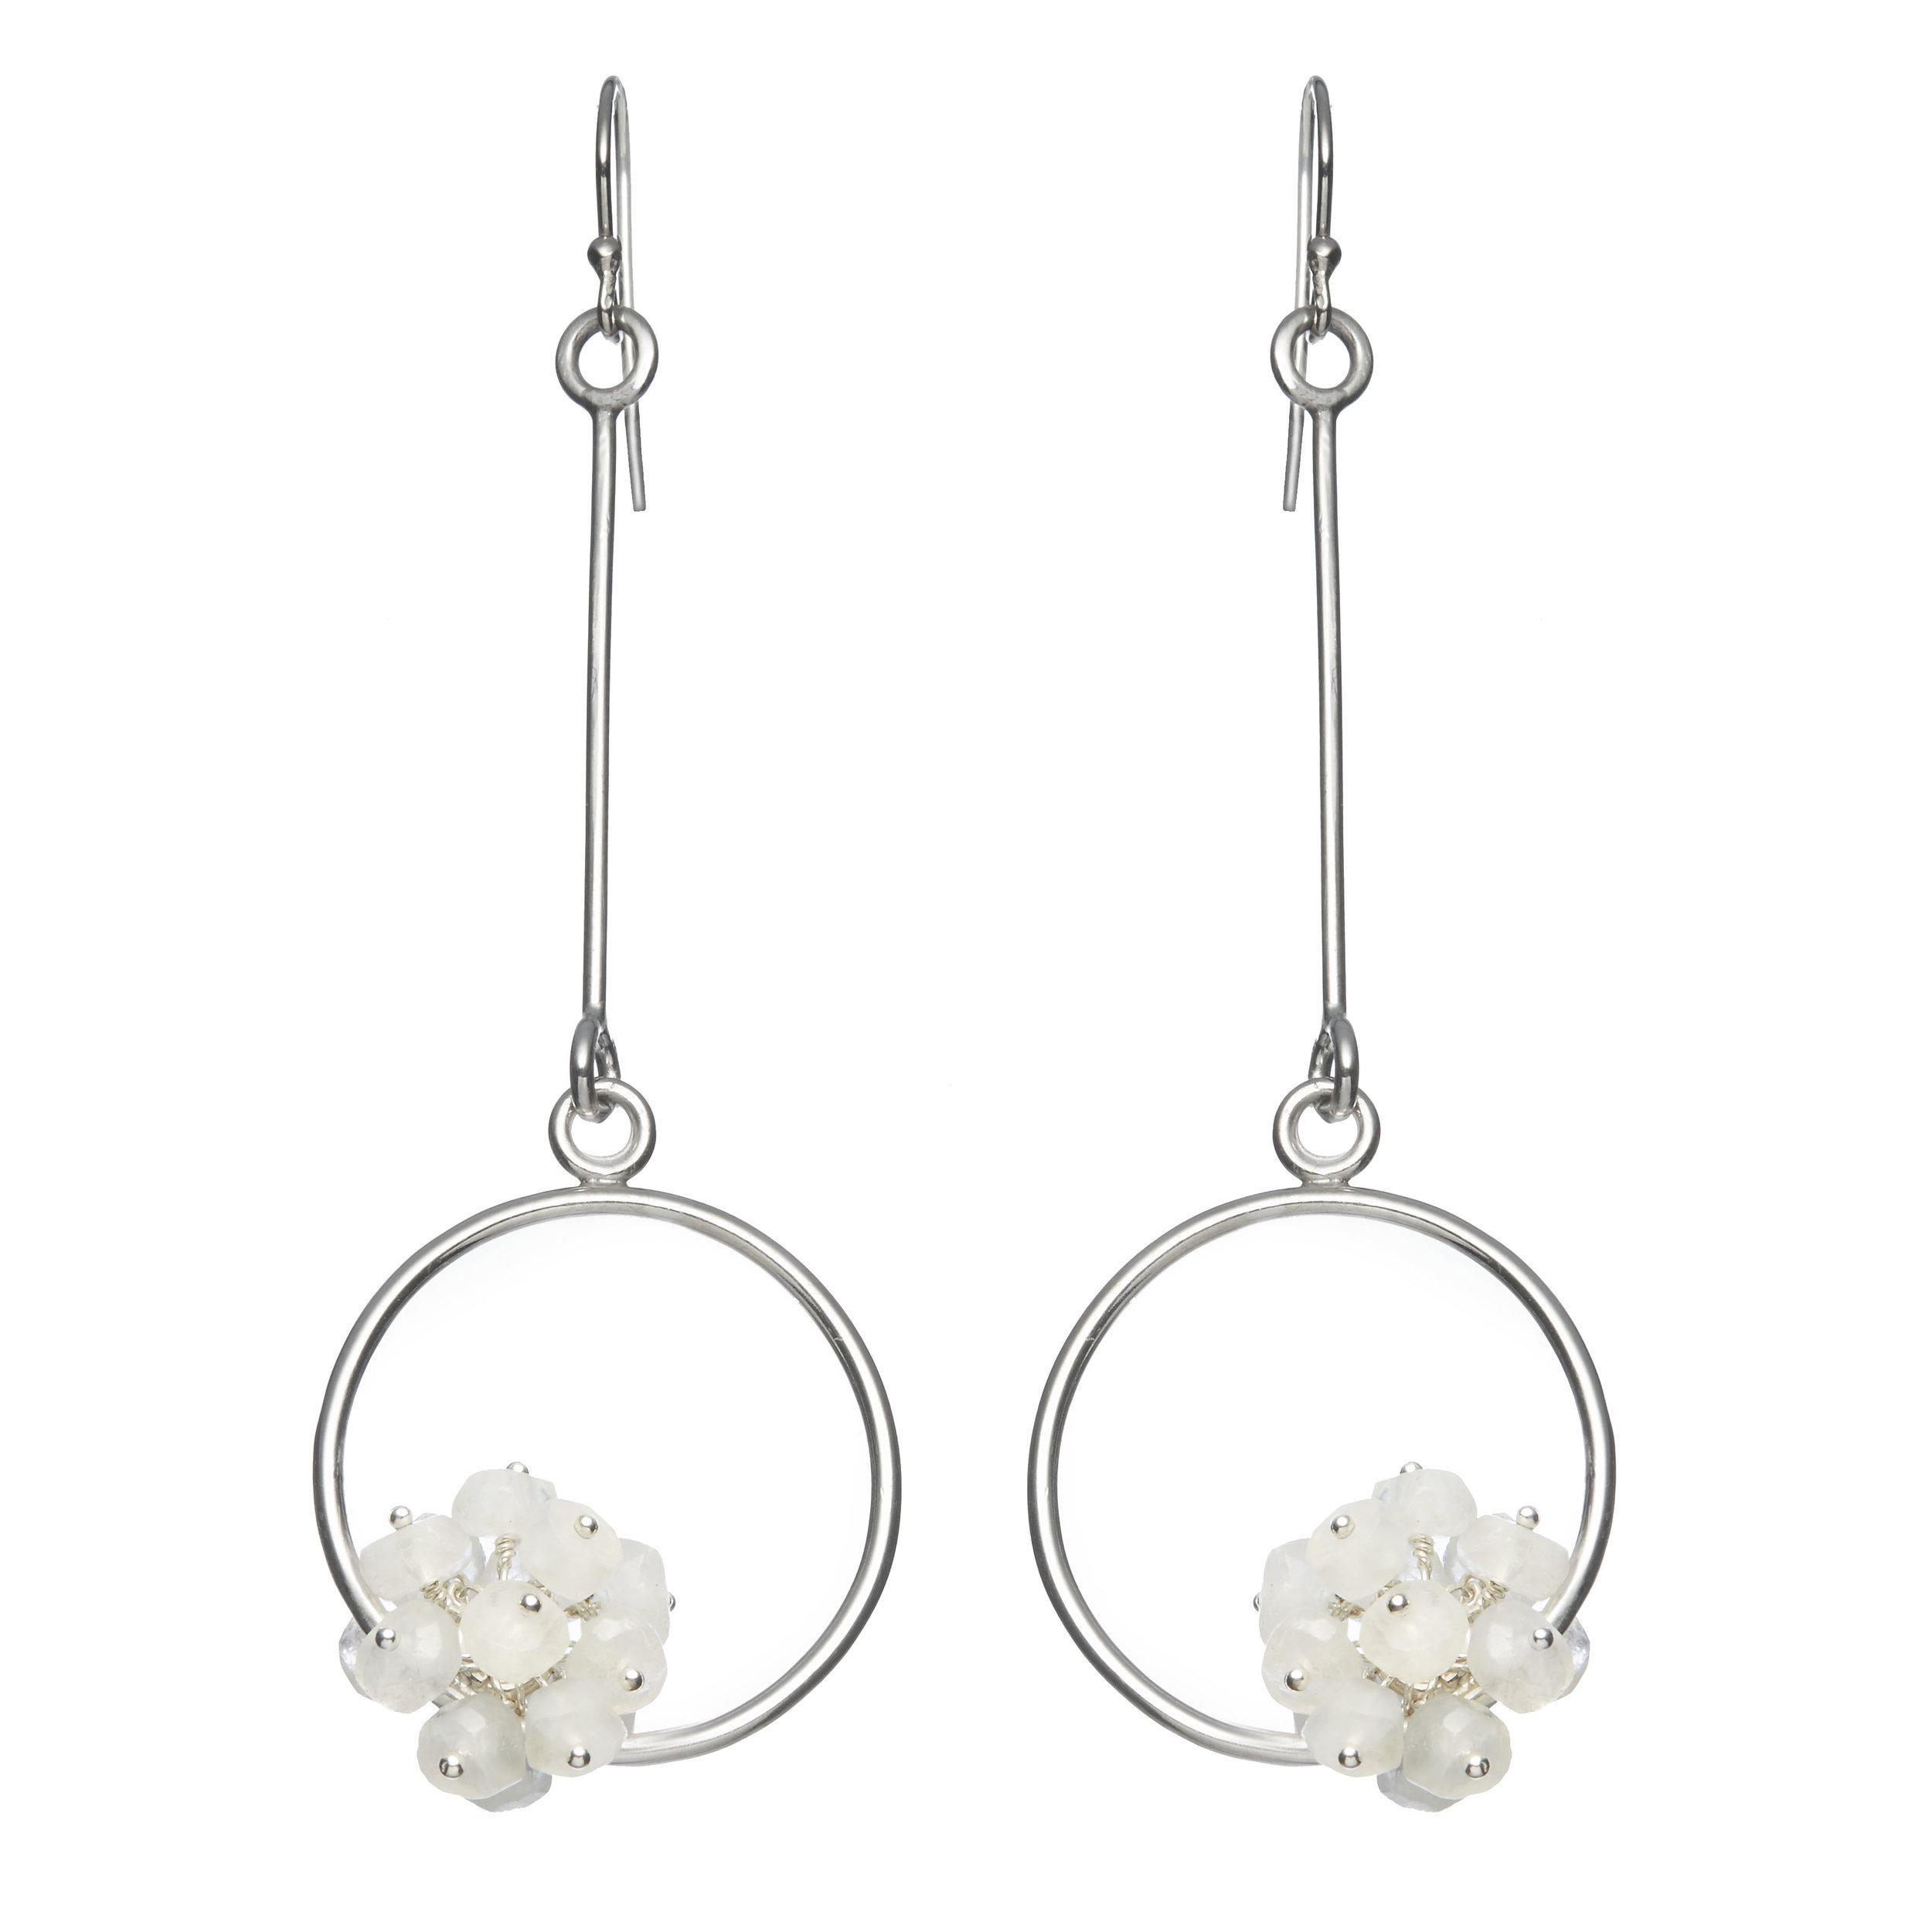 Adva large drop earrings